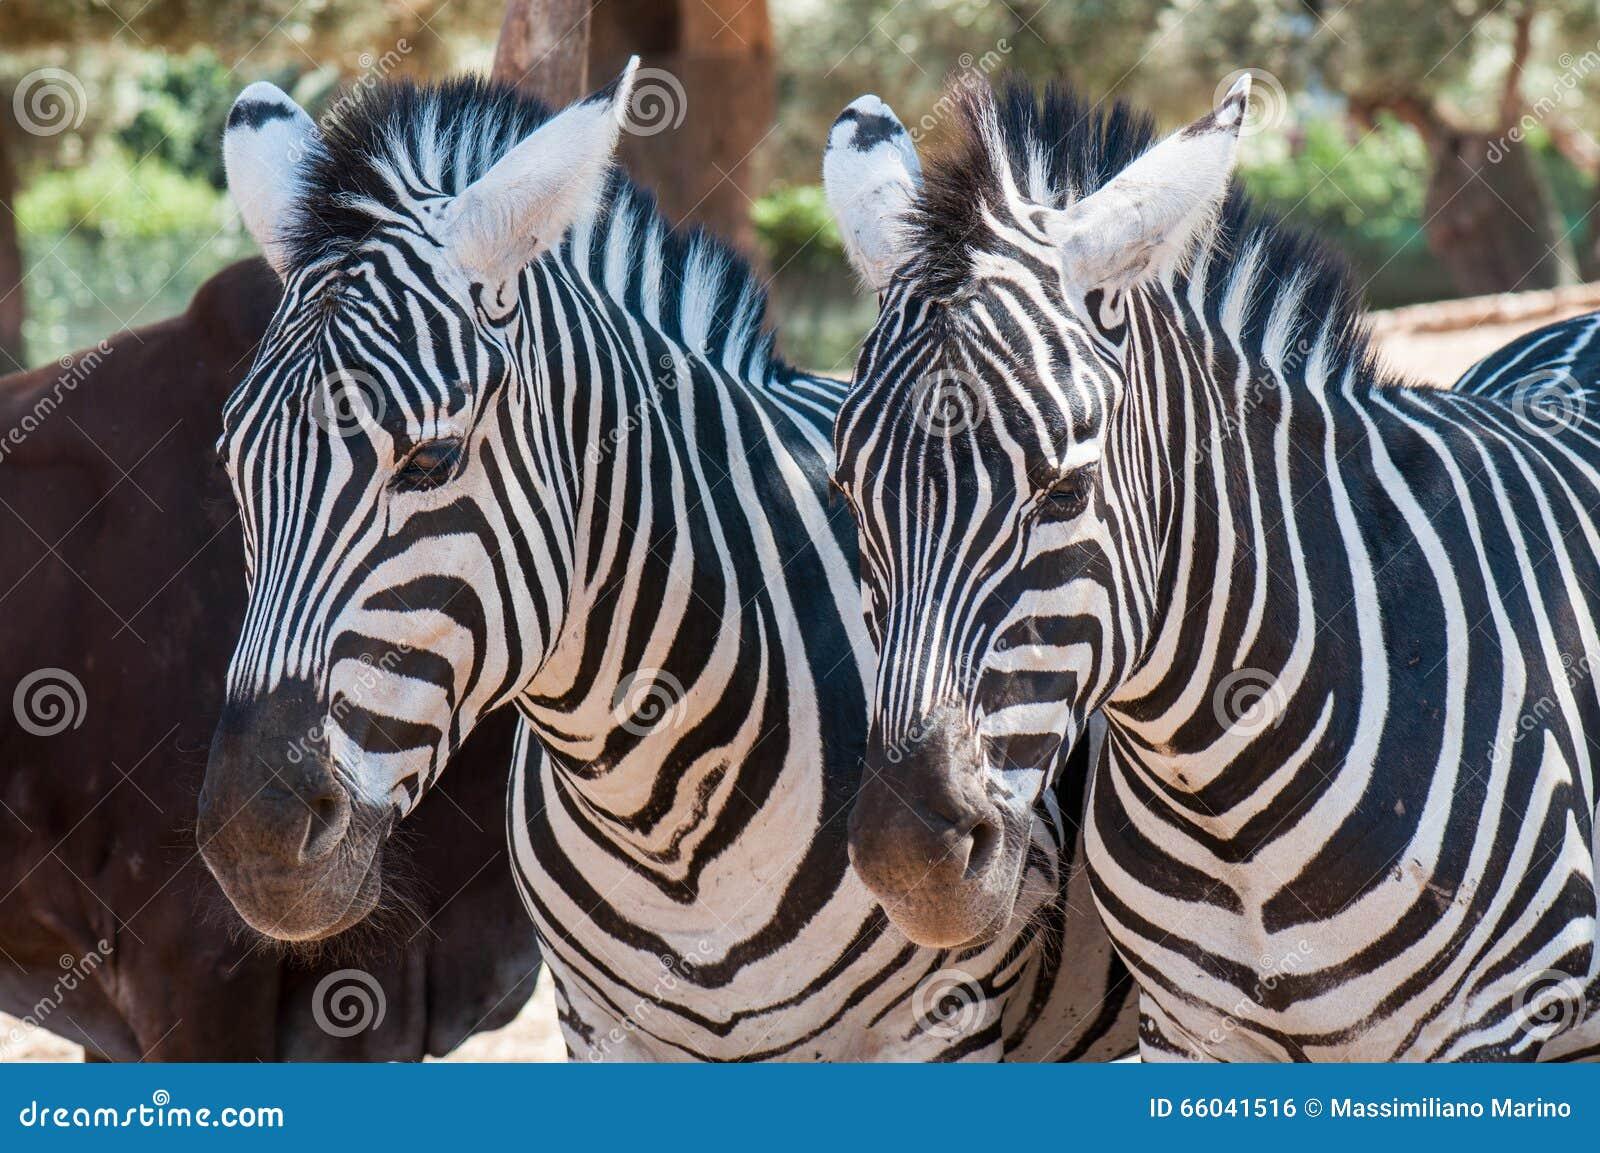 Zebras in a row sleeping